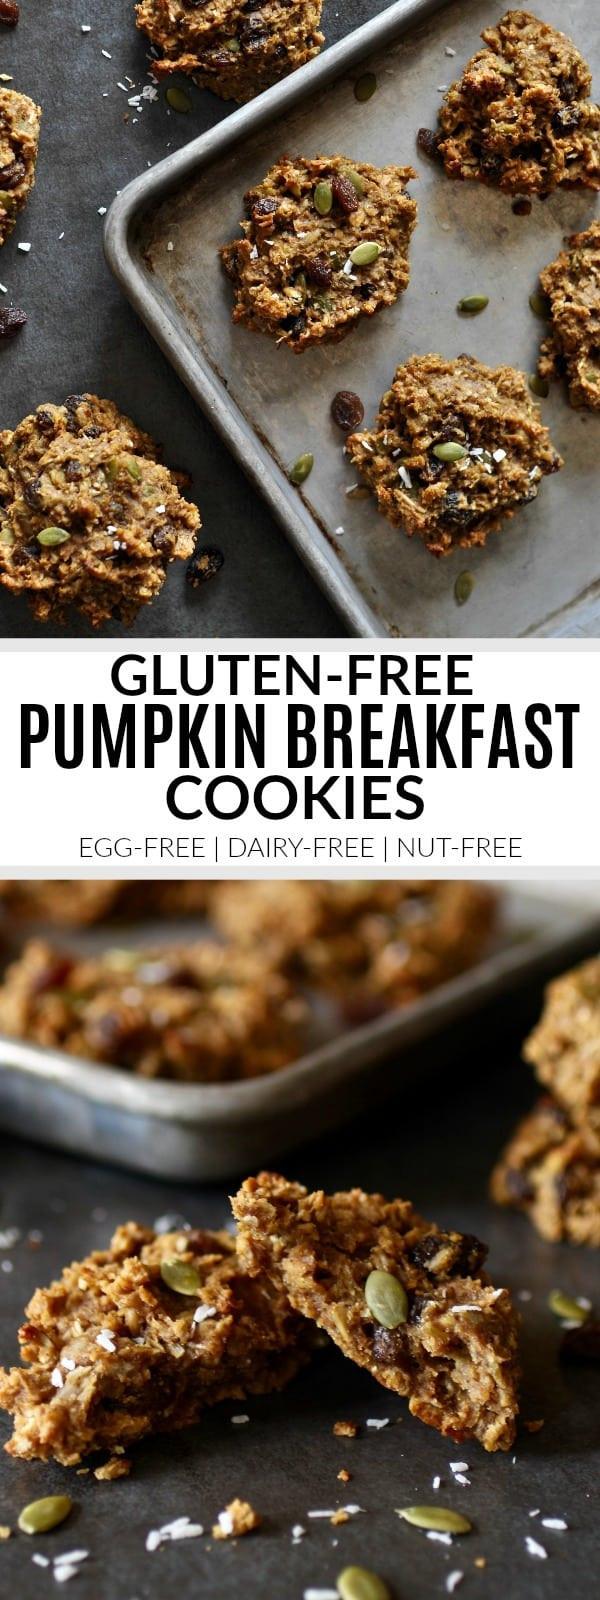 Gluten Free Breakfast Cookies  Gluten free Pumpkin Breakfast Cookies nut free The